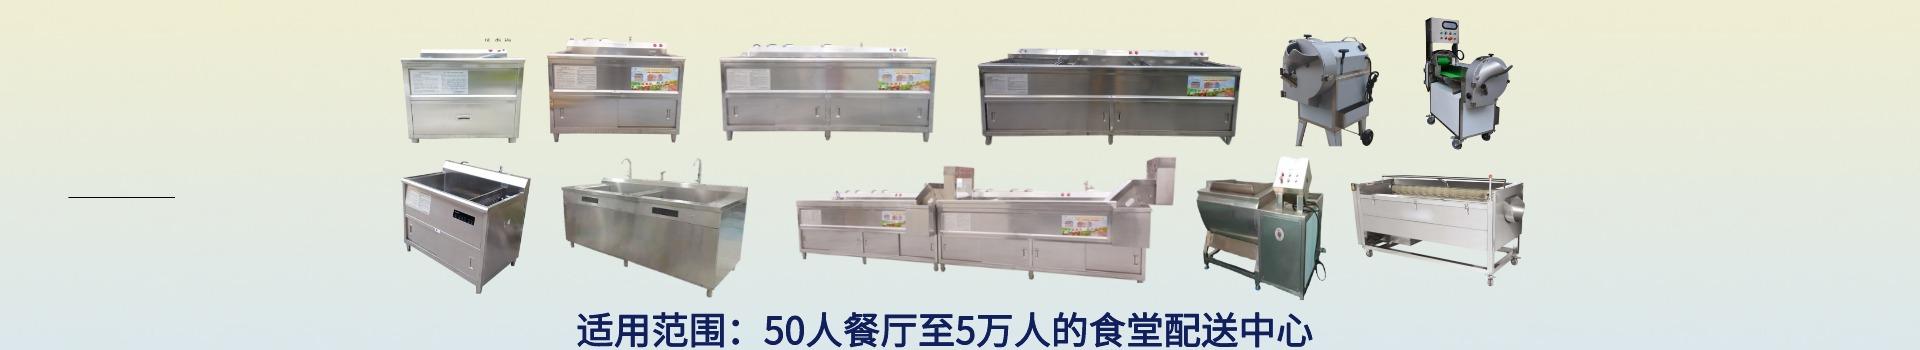 食堂切菜机,食堂洗菜机,洗菜机,多功能切菜机